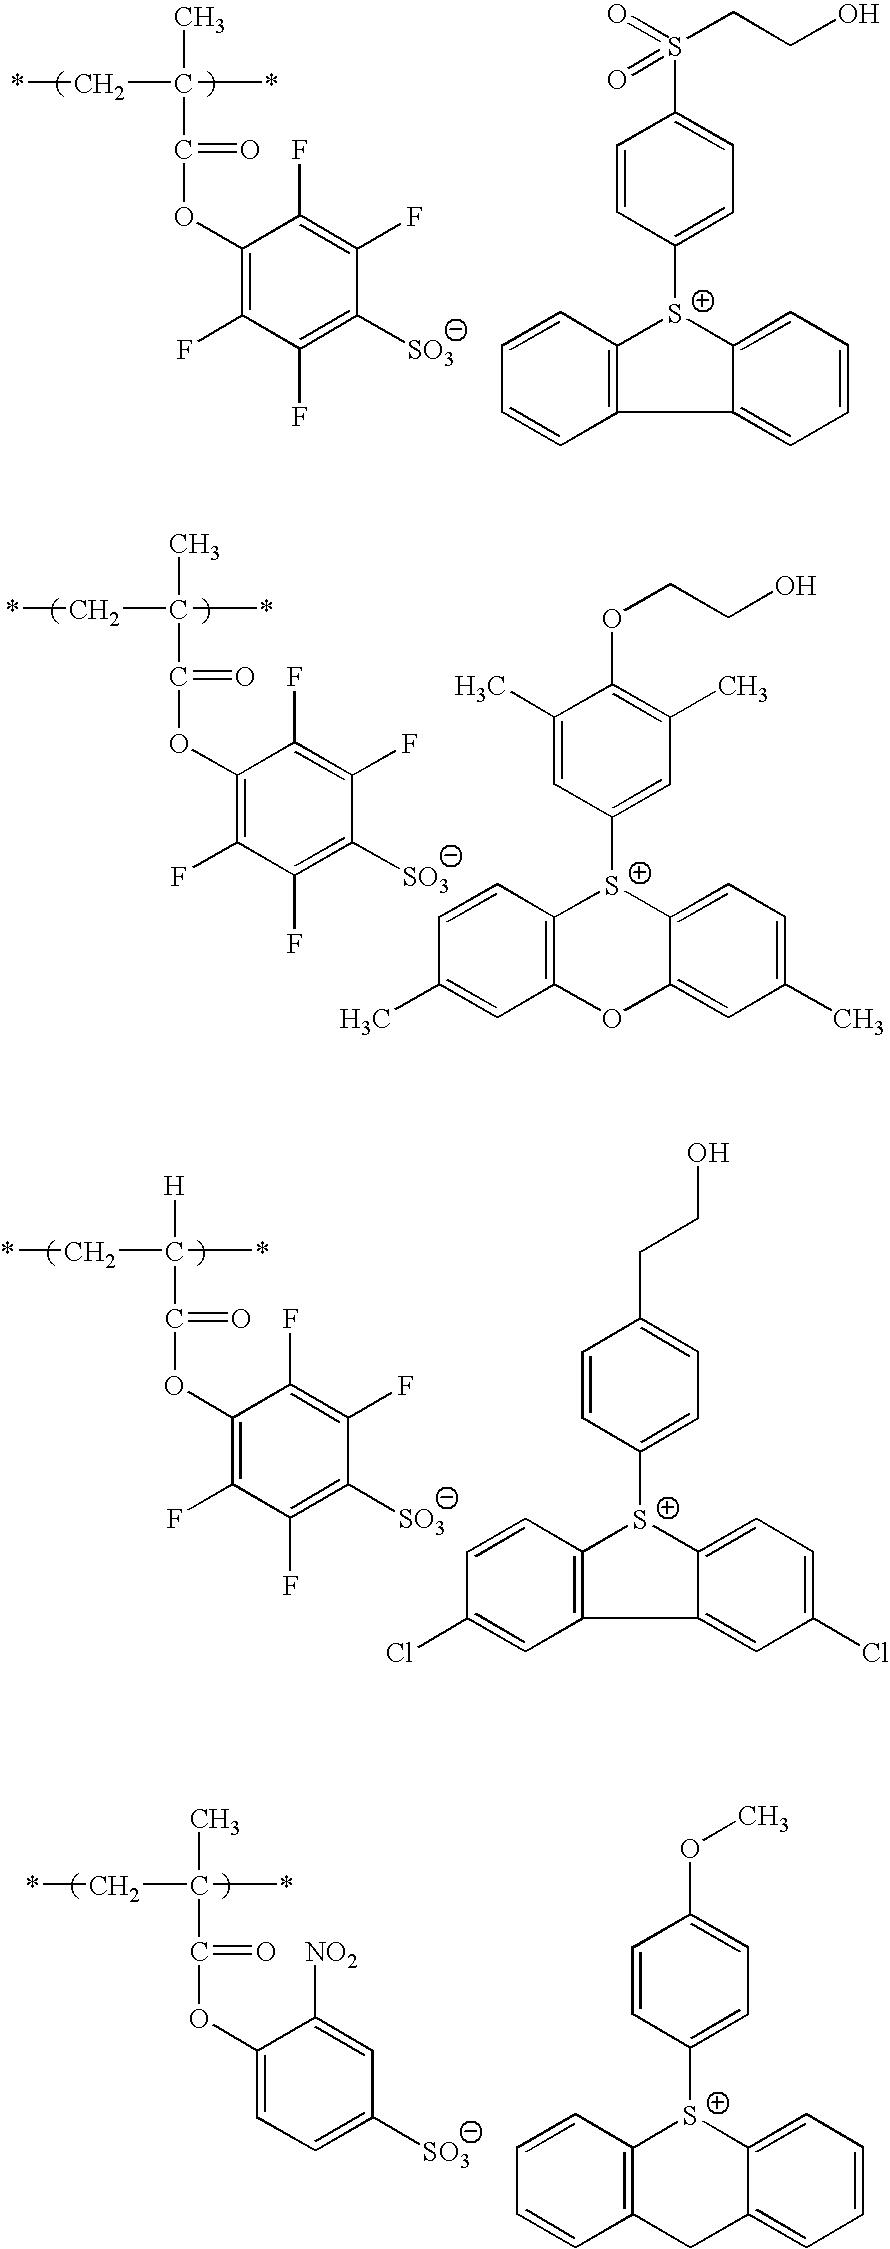 Figure US20100183975A1-20100722-C00074